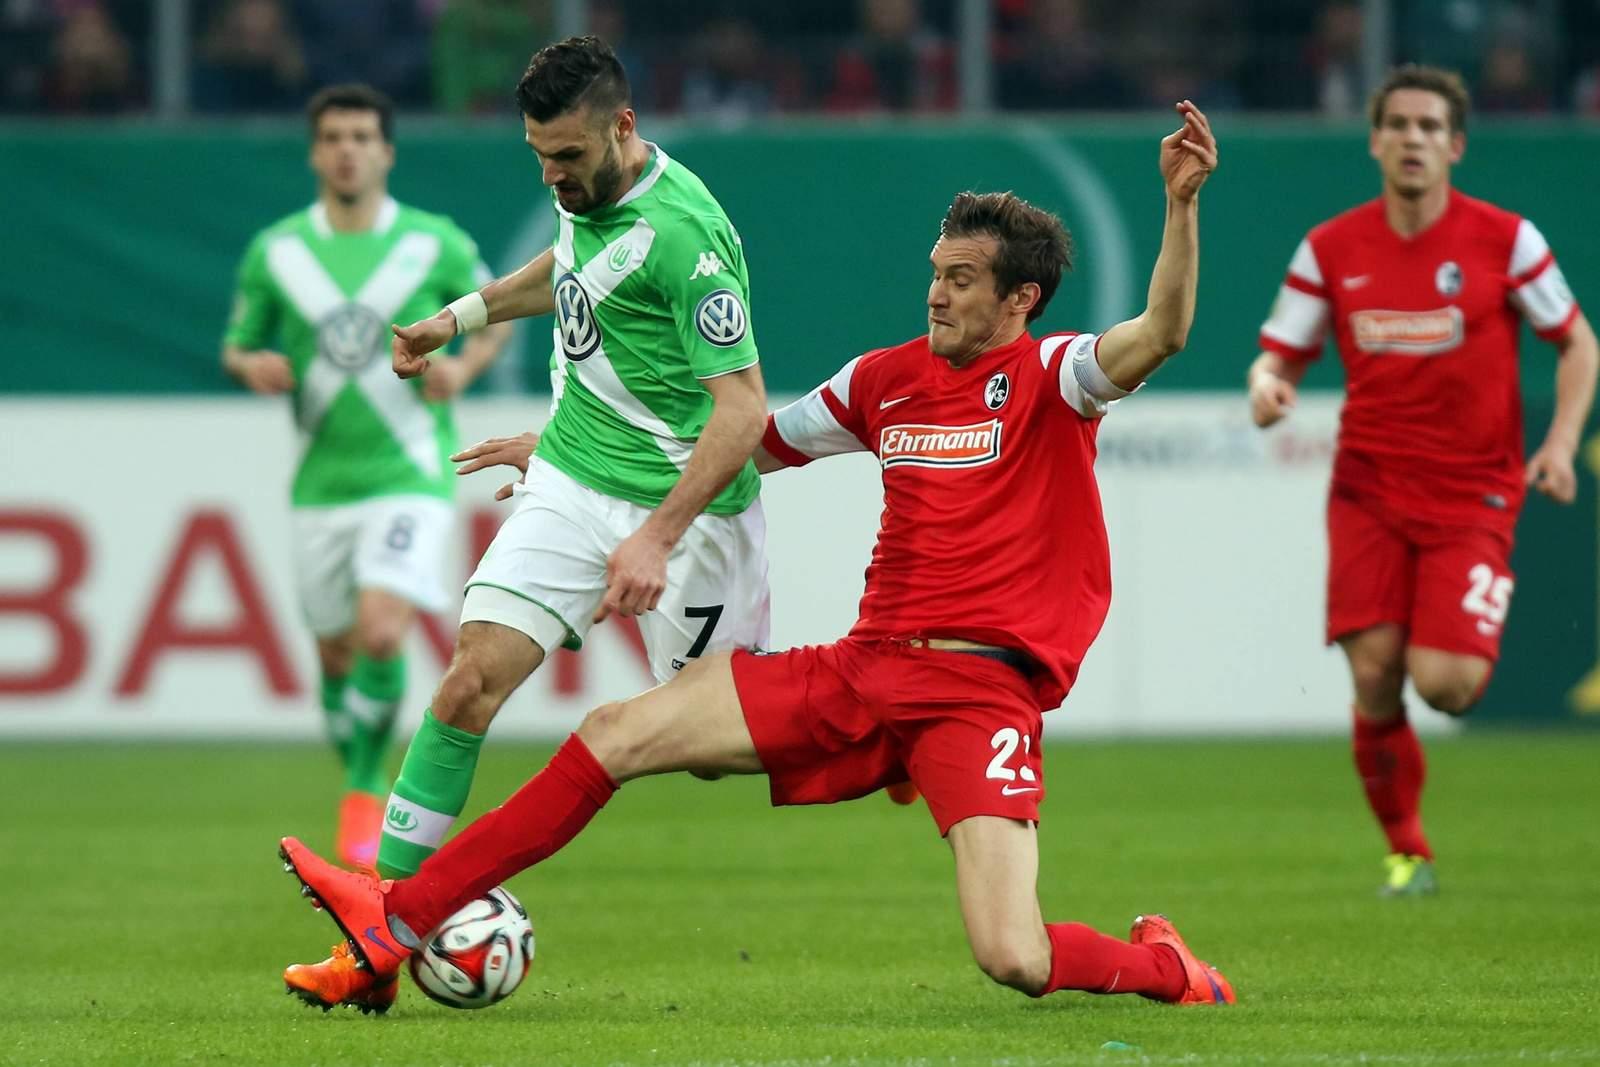 Daniel Caligiuri im Duell mit Julian Schuster. Jetzt auf die Partie Freiburg gegen Wolfsburg wetten